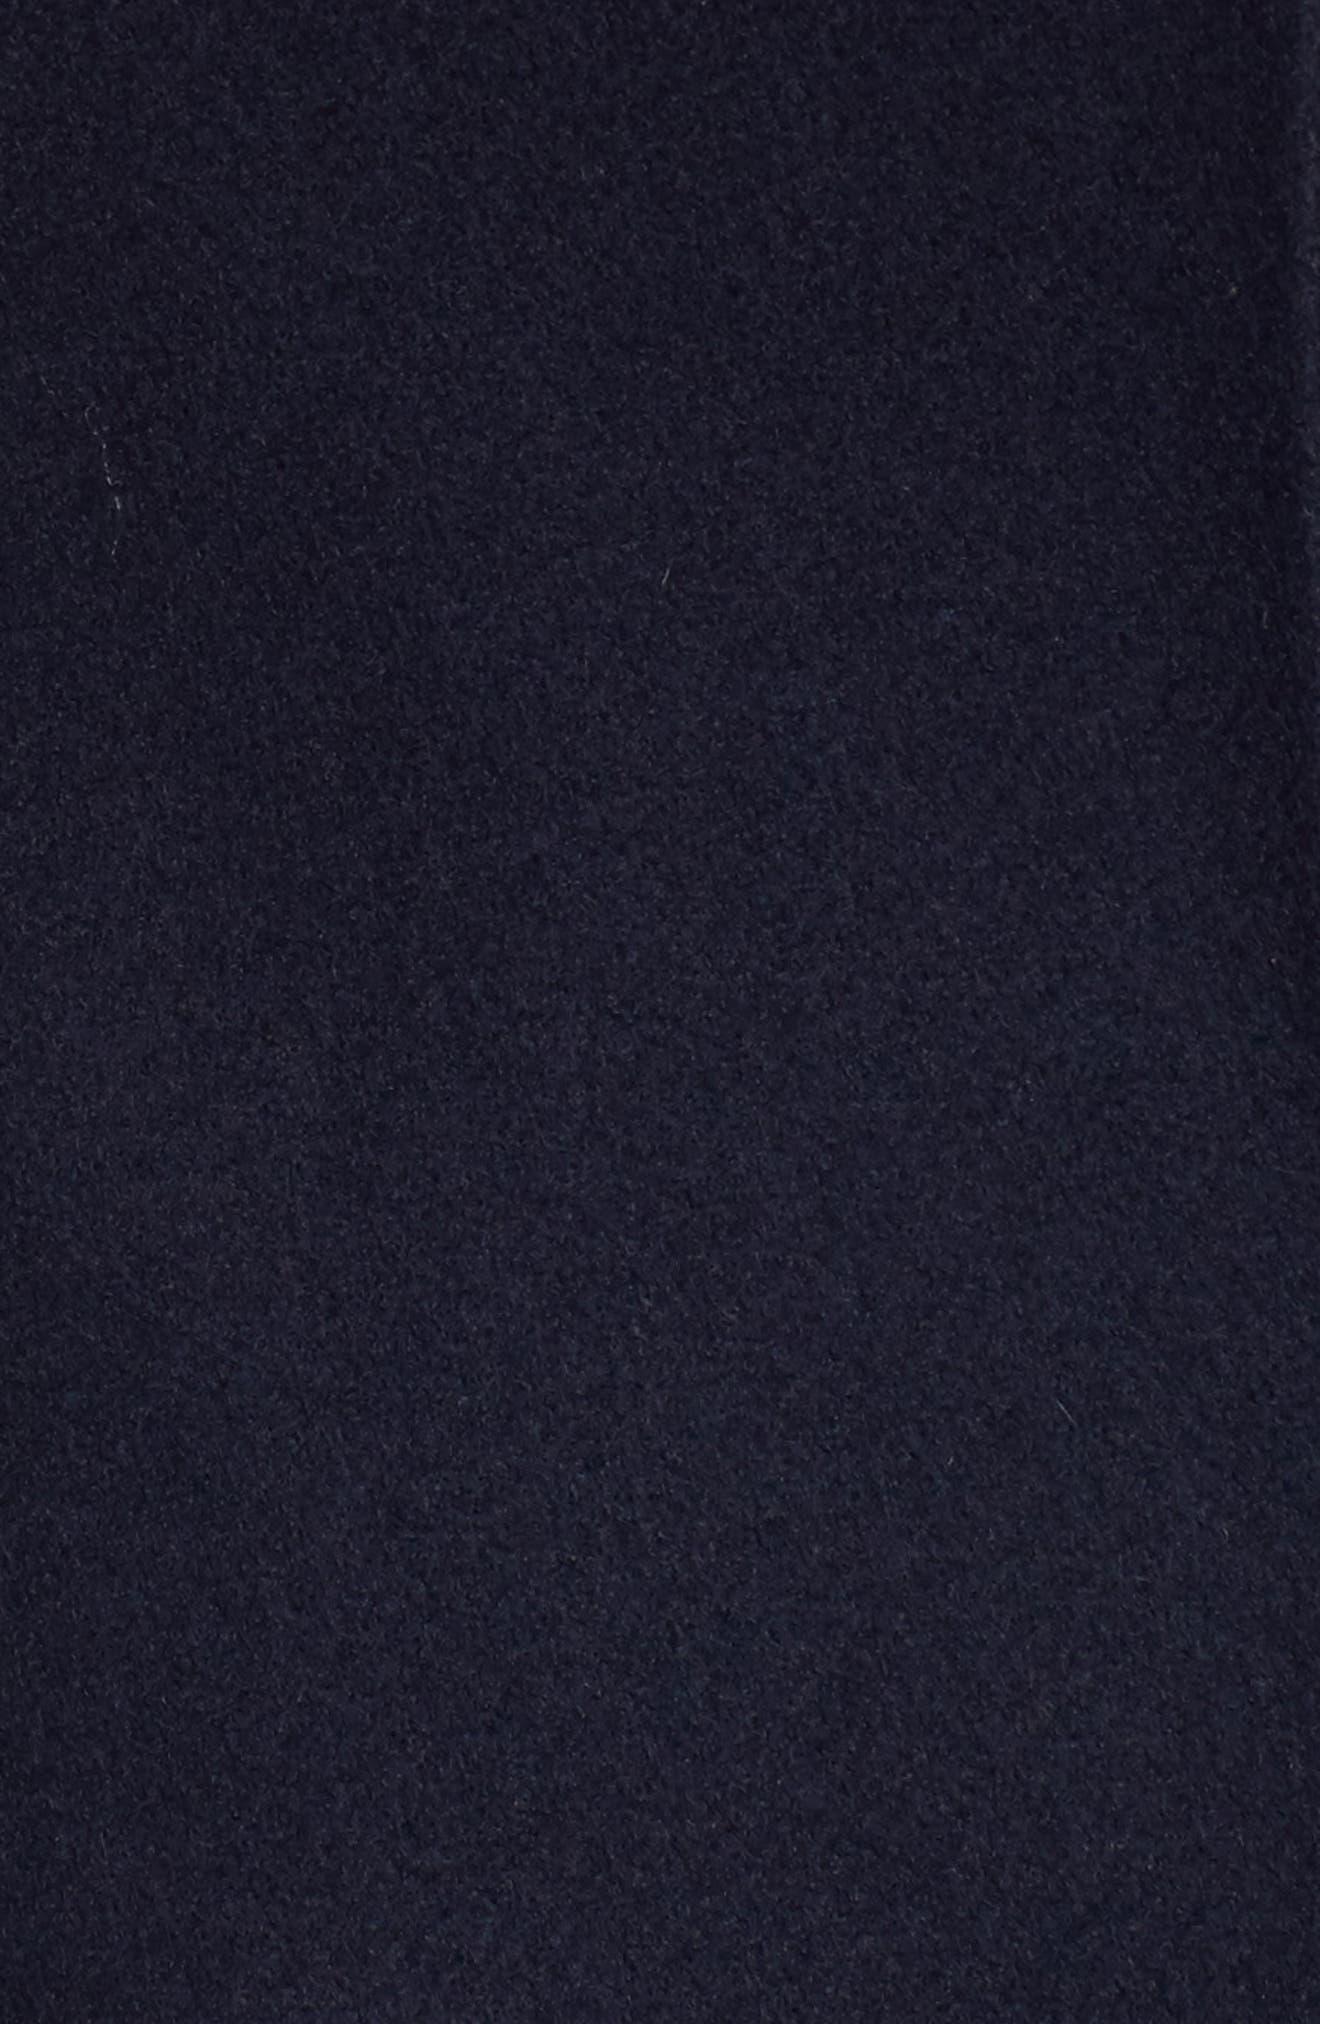 Wool Blend Asymmetrical Skirted Coat,                             Alternate thumbnail 6, color,                             410